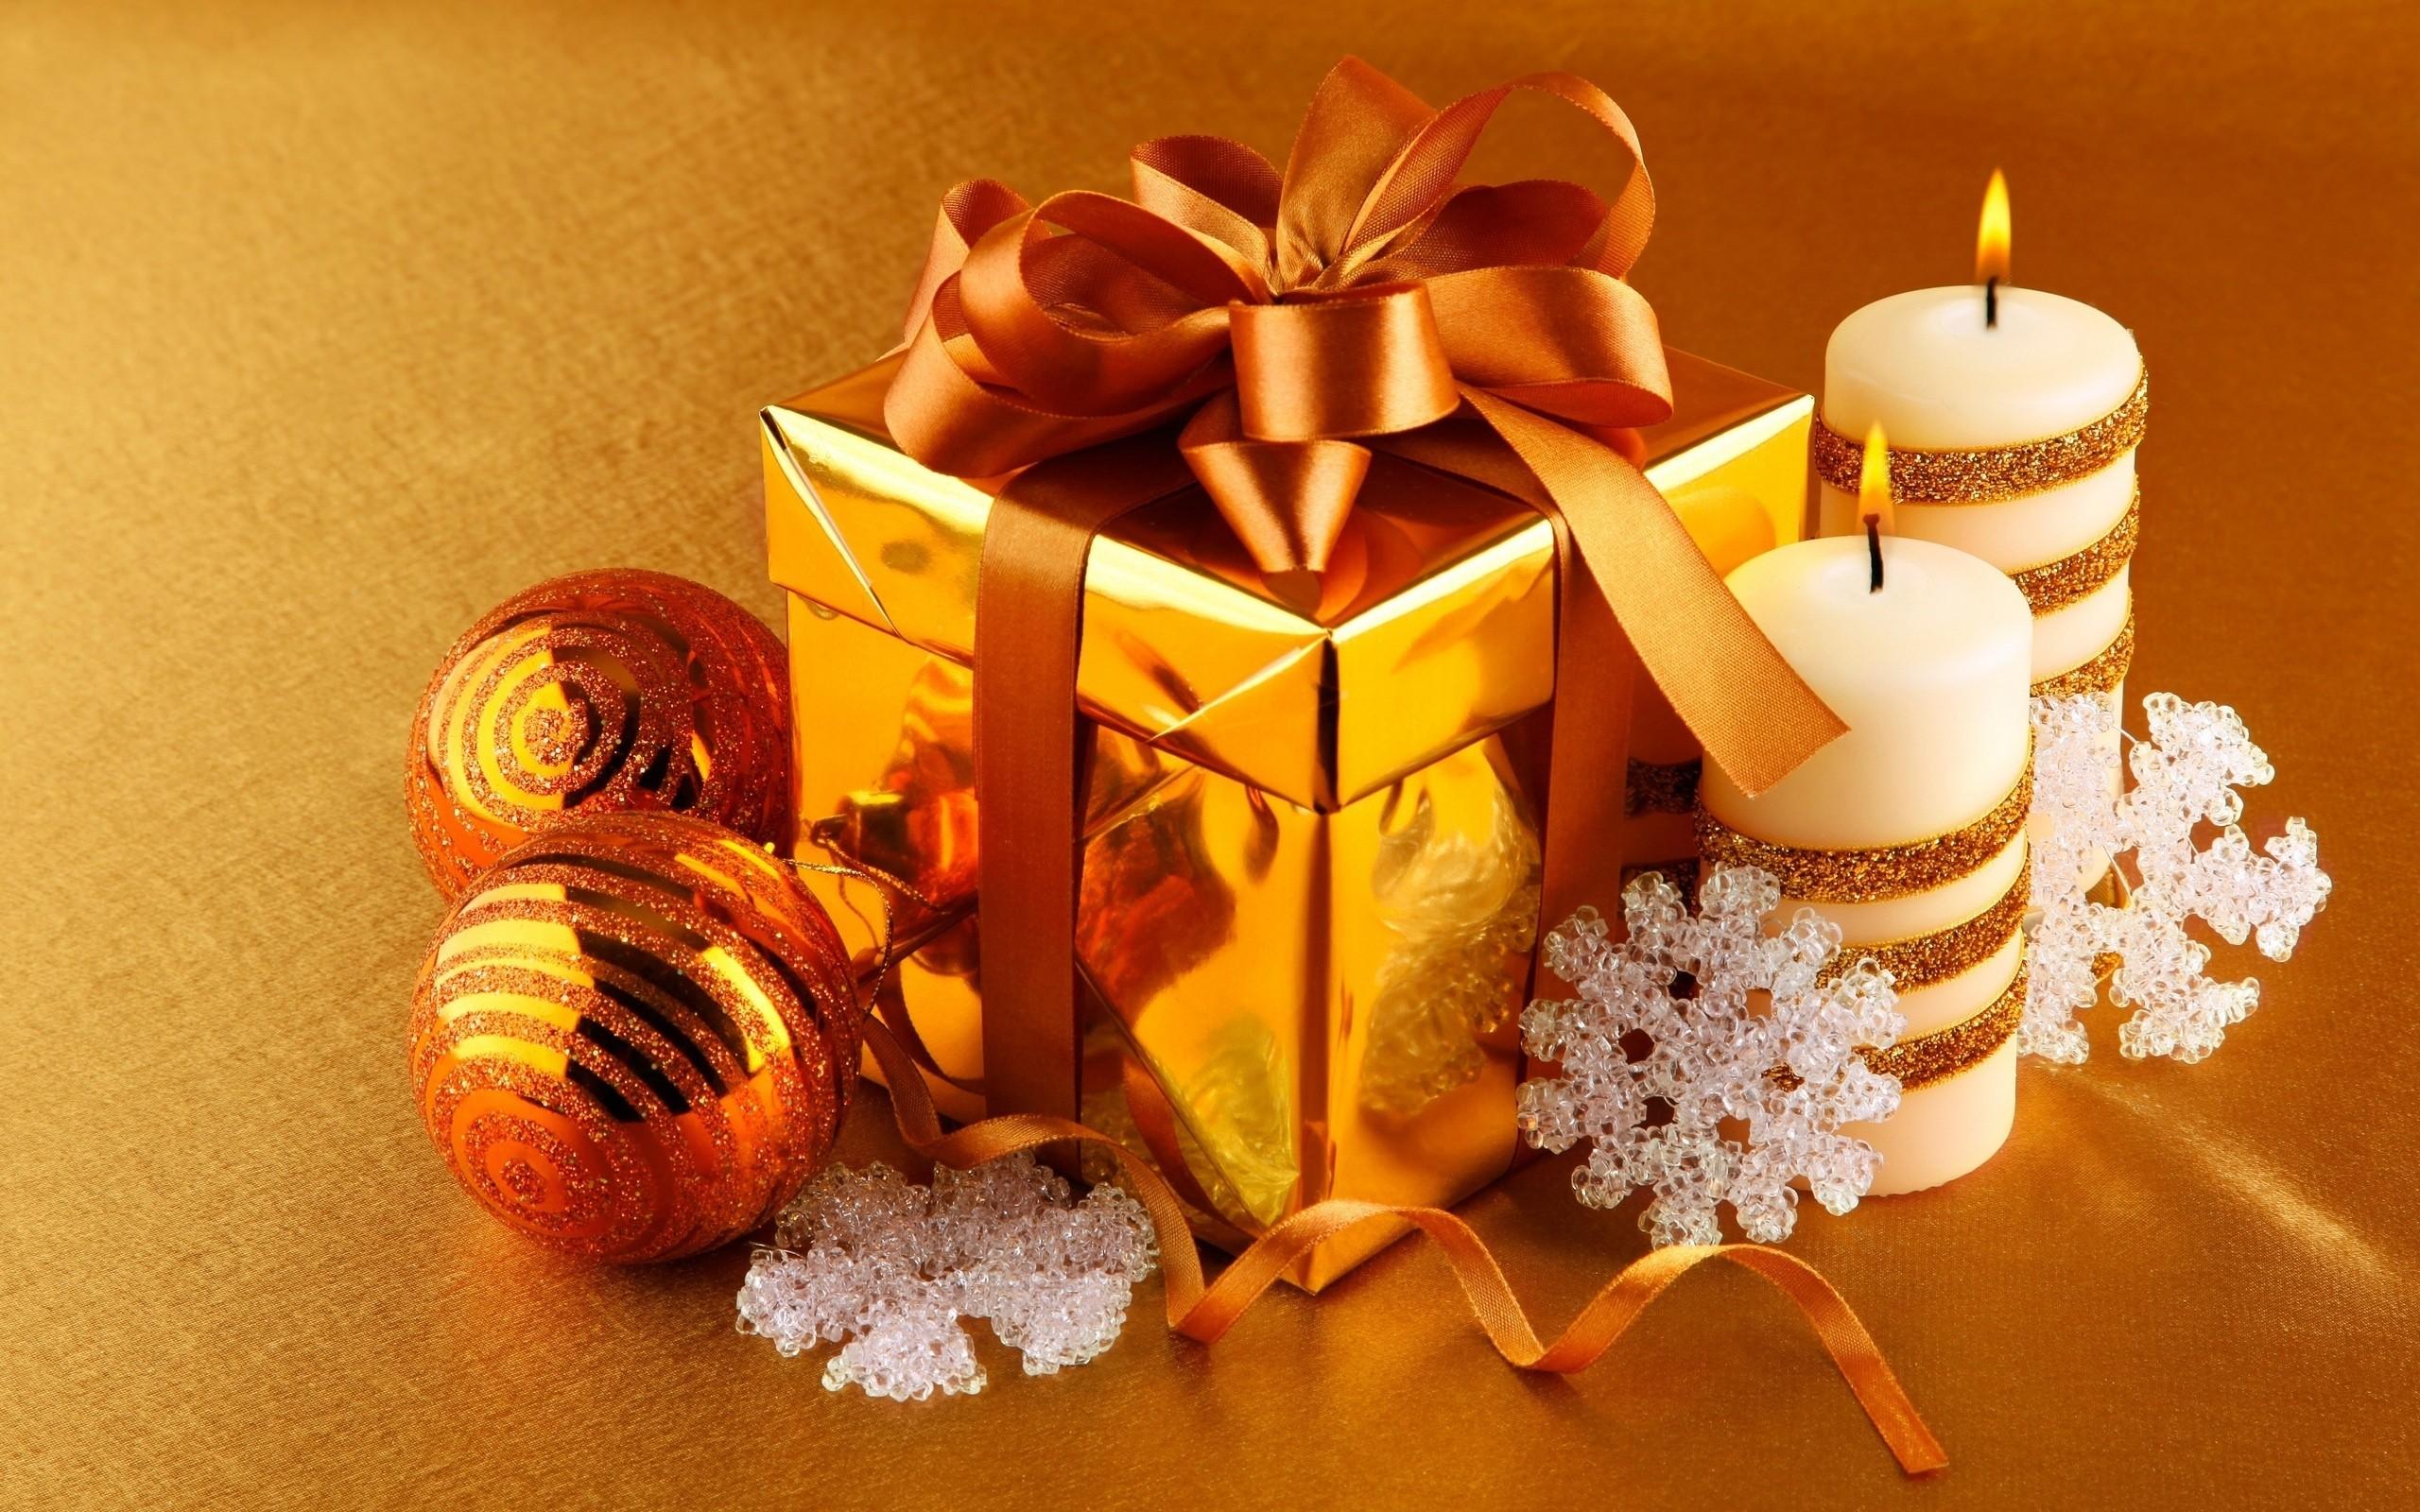 Hintergrundbilder : Lebensmittel, Kerzen, Weihnachtsschmuck ...